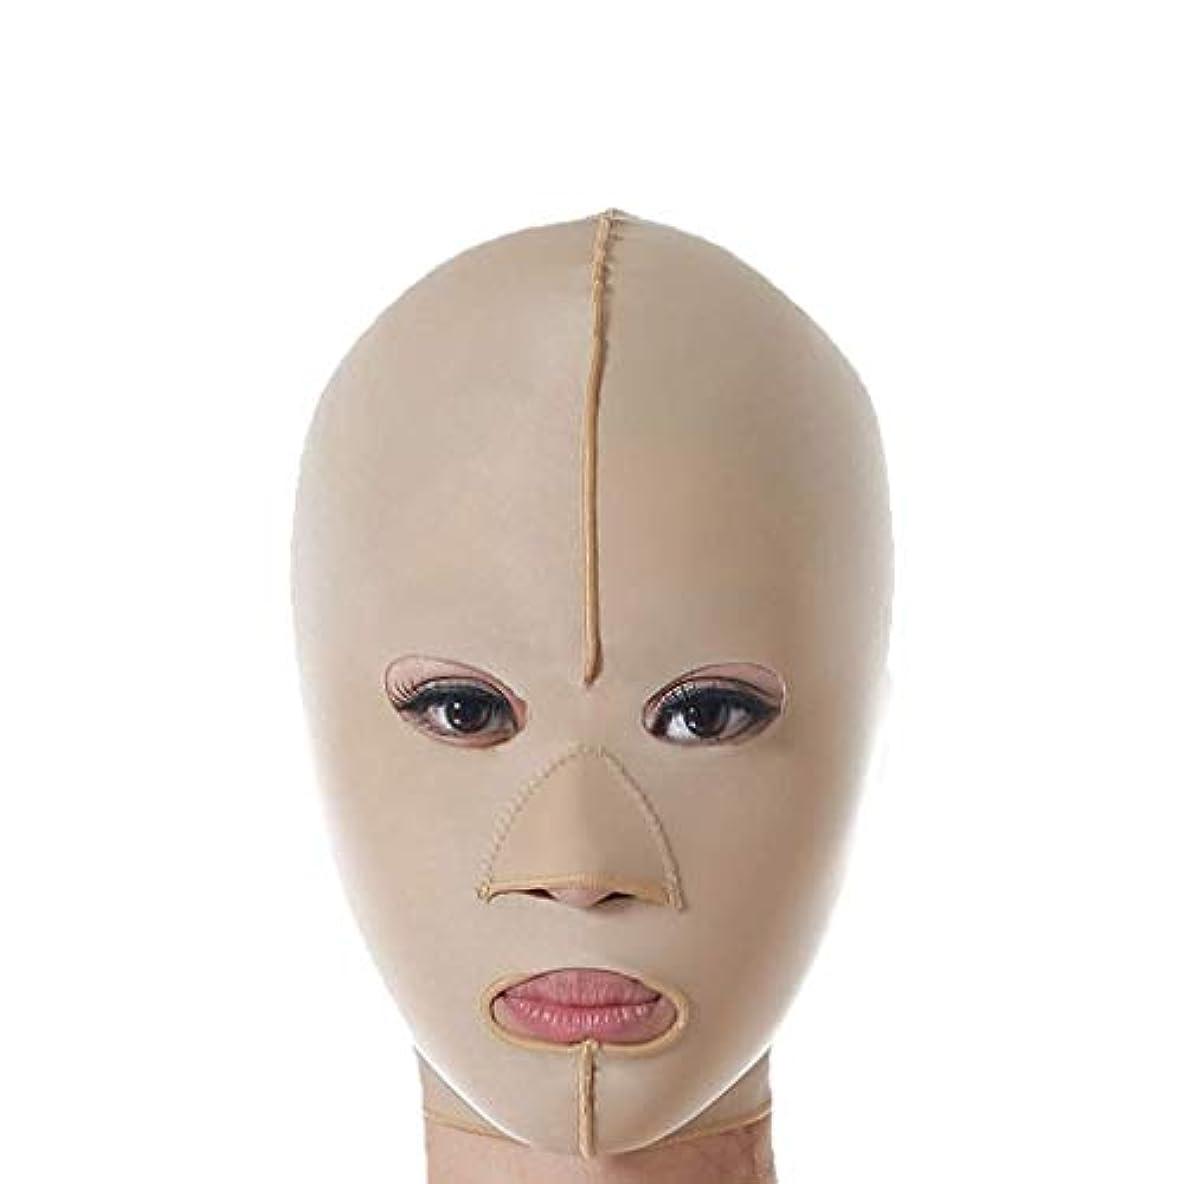 持っているヒュームしおれた減量フェイスマスク、リフティング包帯、スリムフェイスリフトリフティングベルト、フェイシャル減量リフティング包帯、リフティングファーミング包帯(サイズ:XL),ザ?